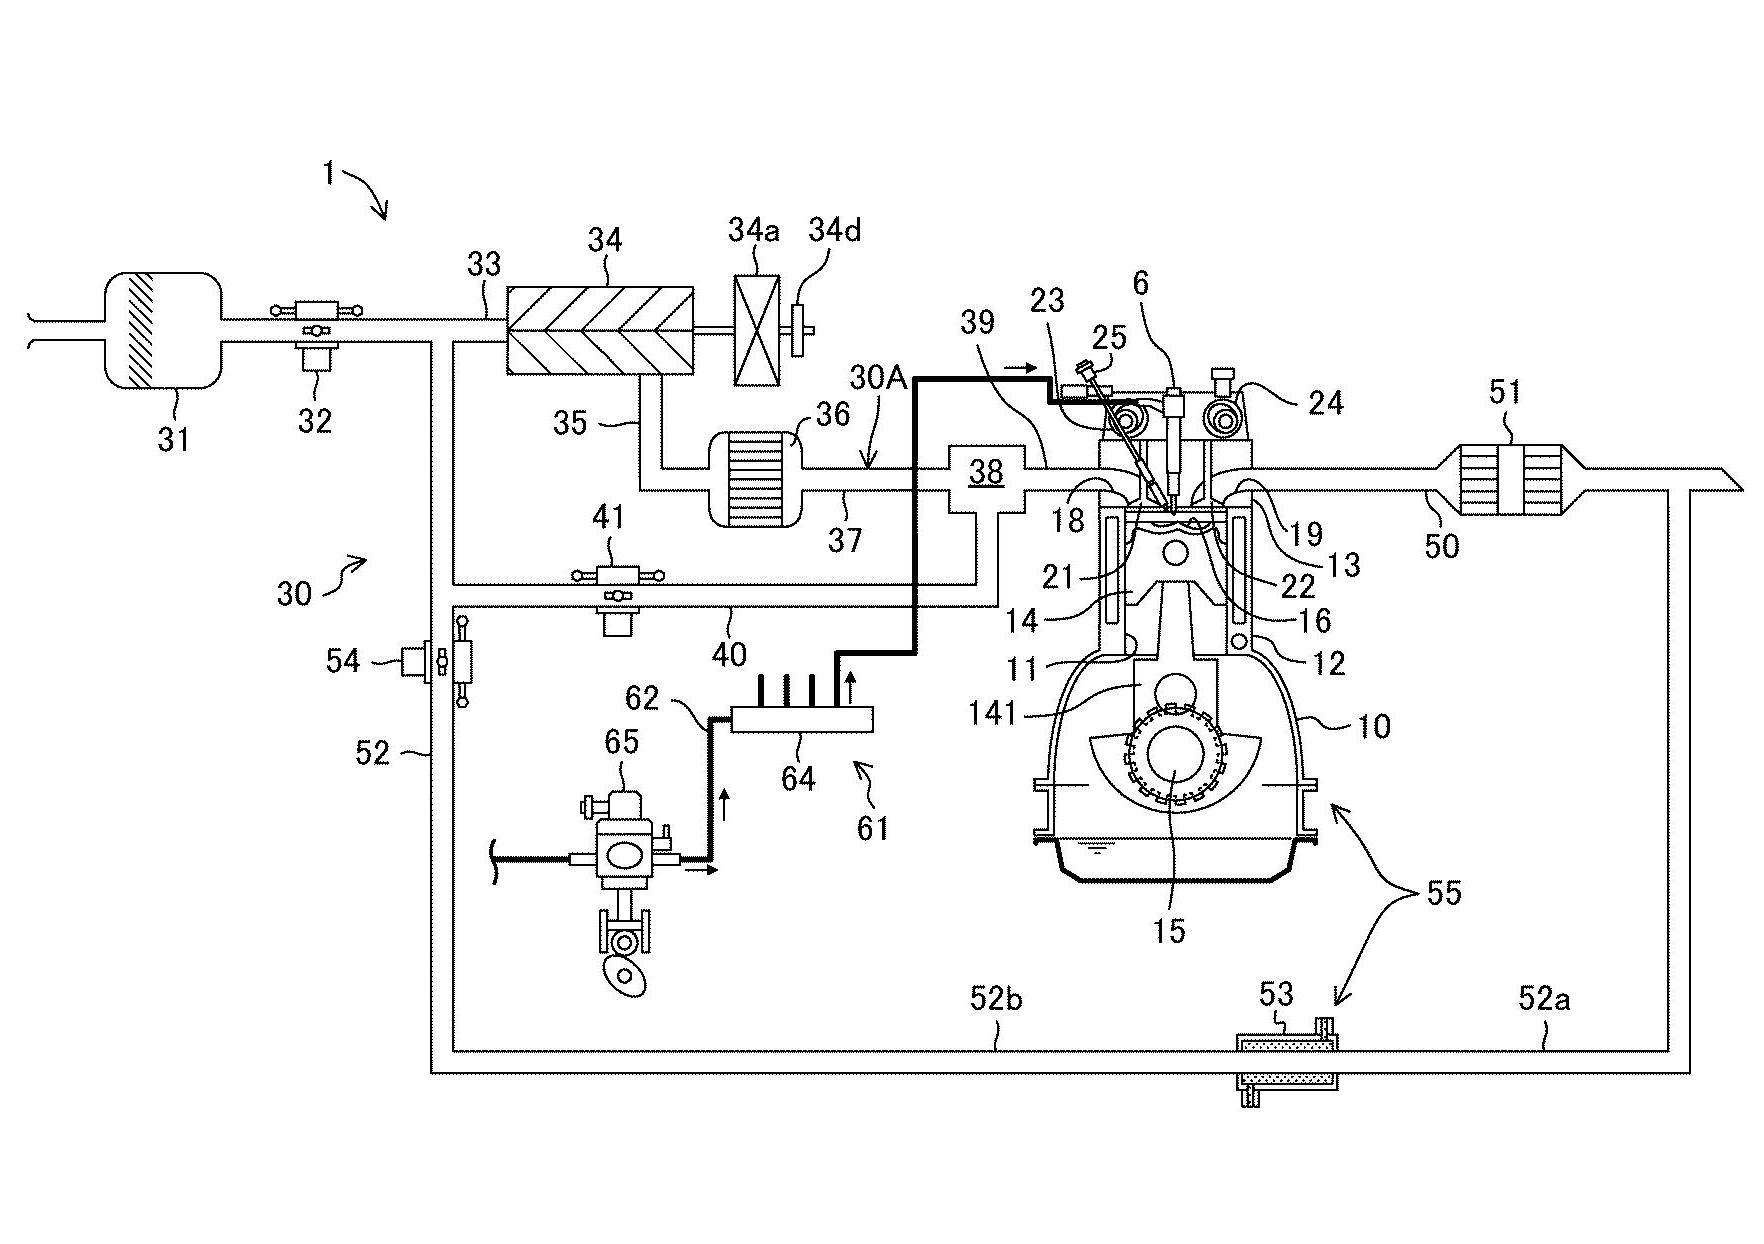 マツダ、過給機を持つエンジンの吸気システムに関する特許取得